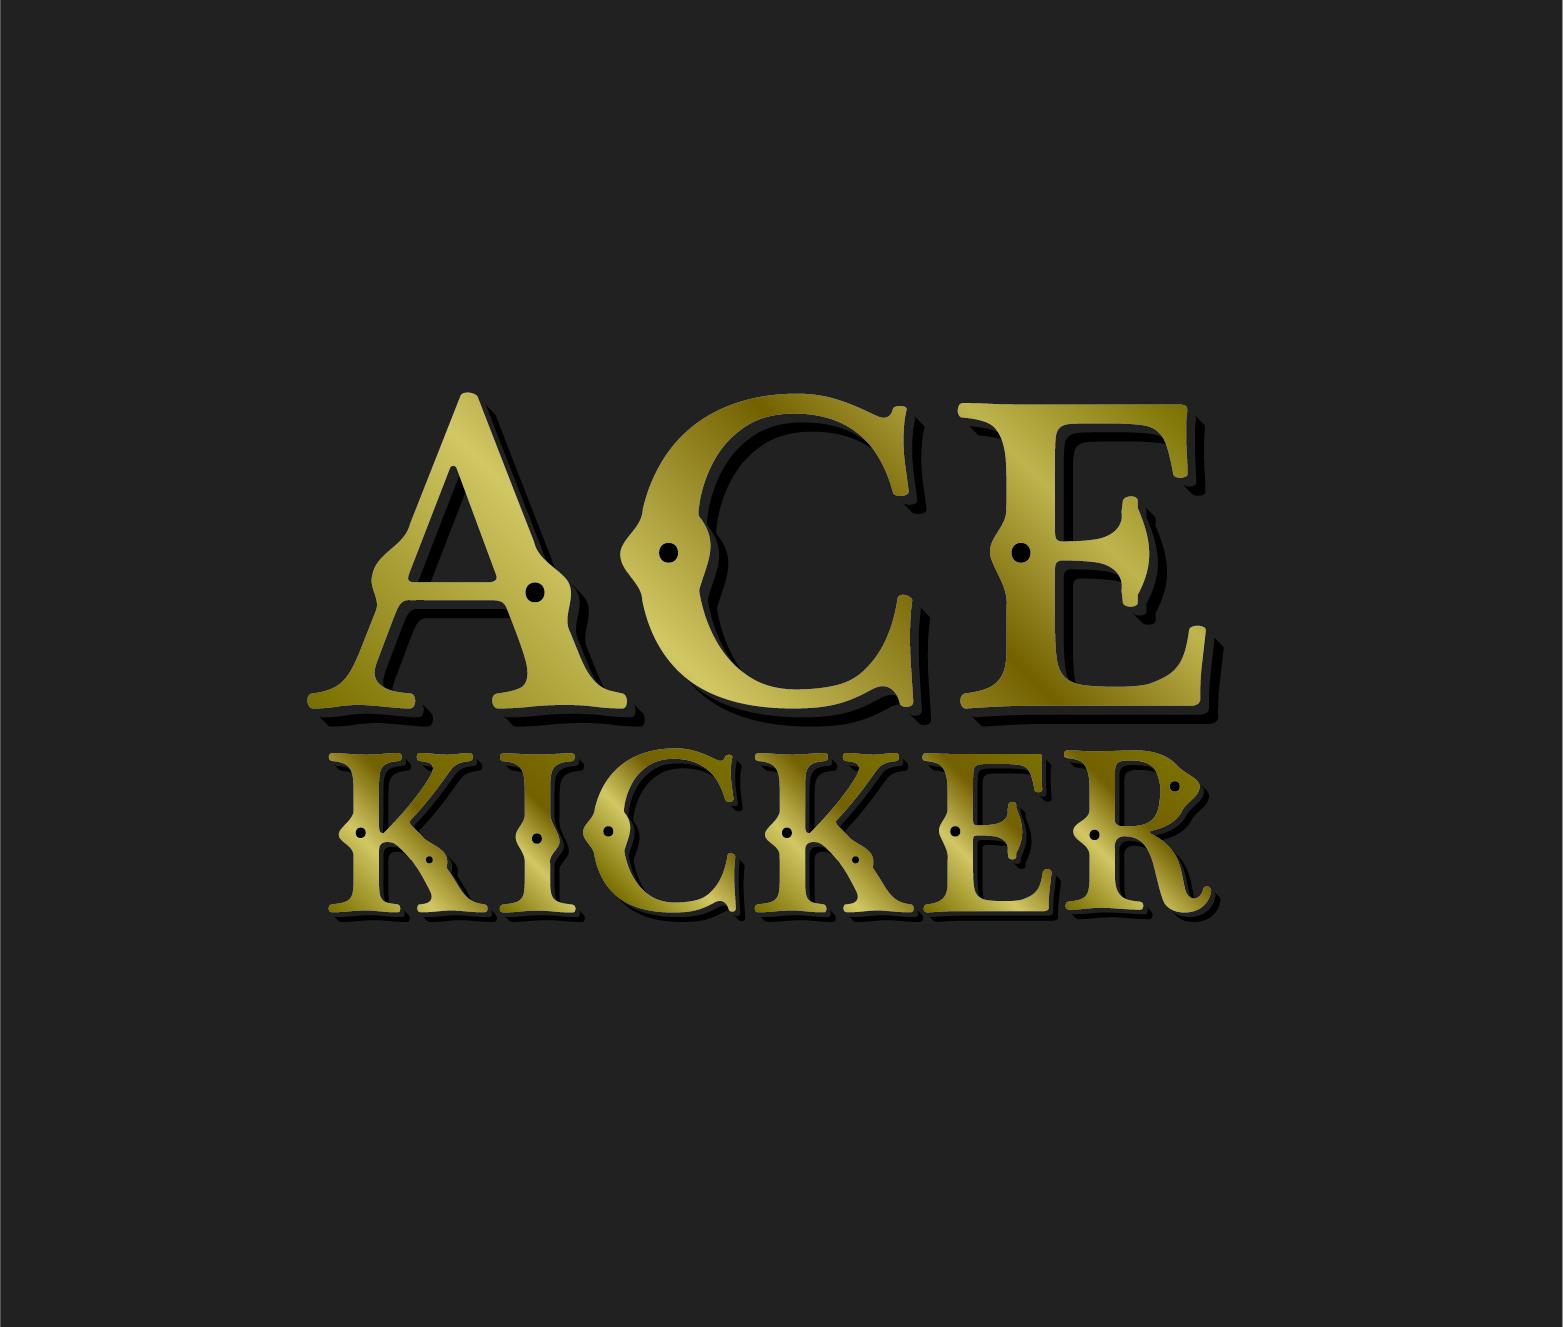 Ace Kicker